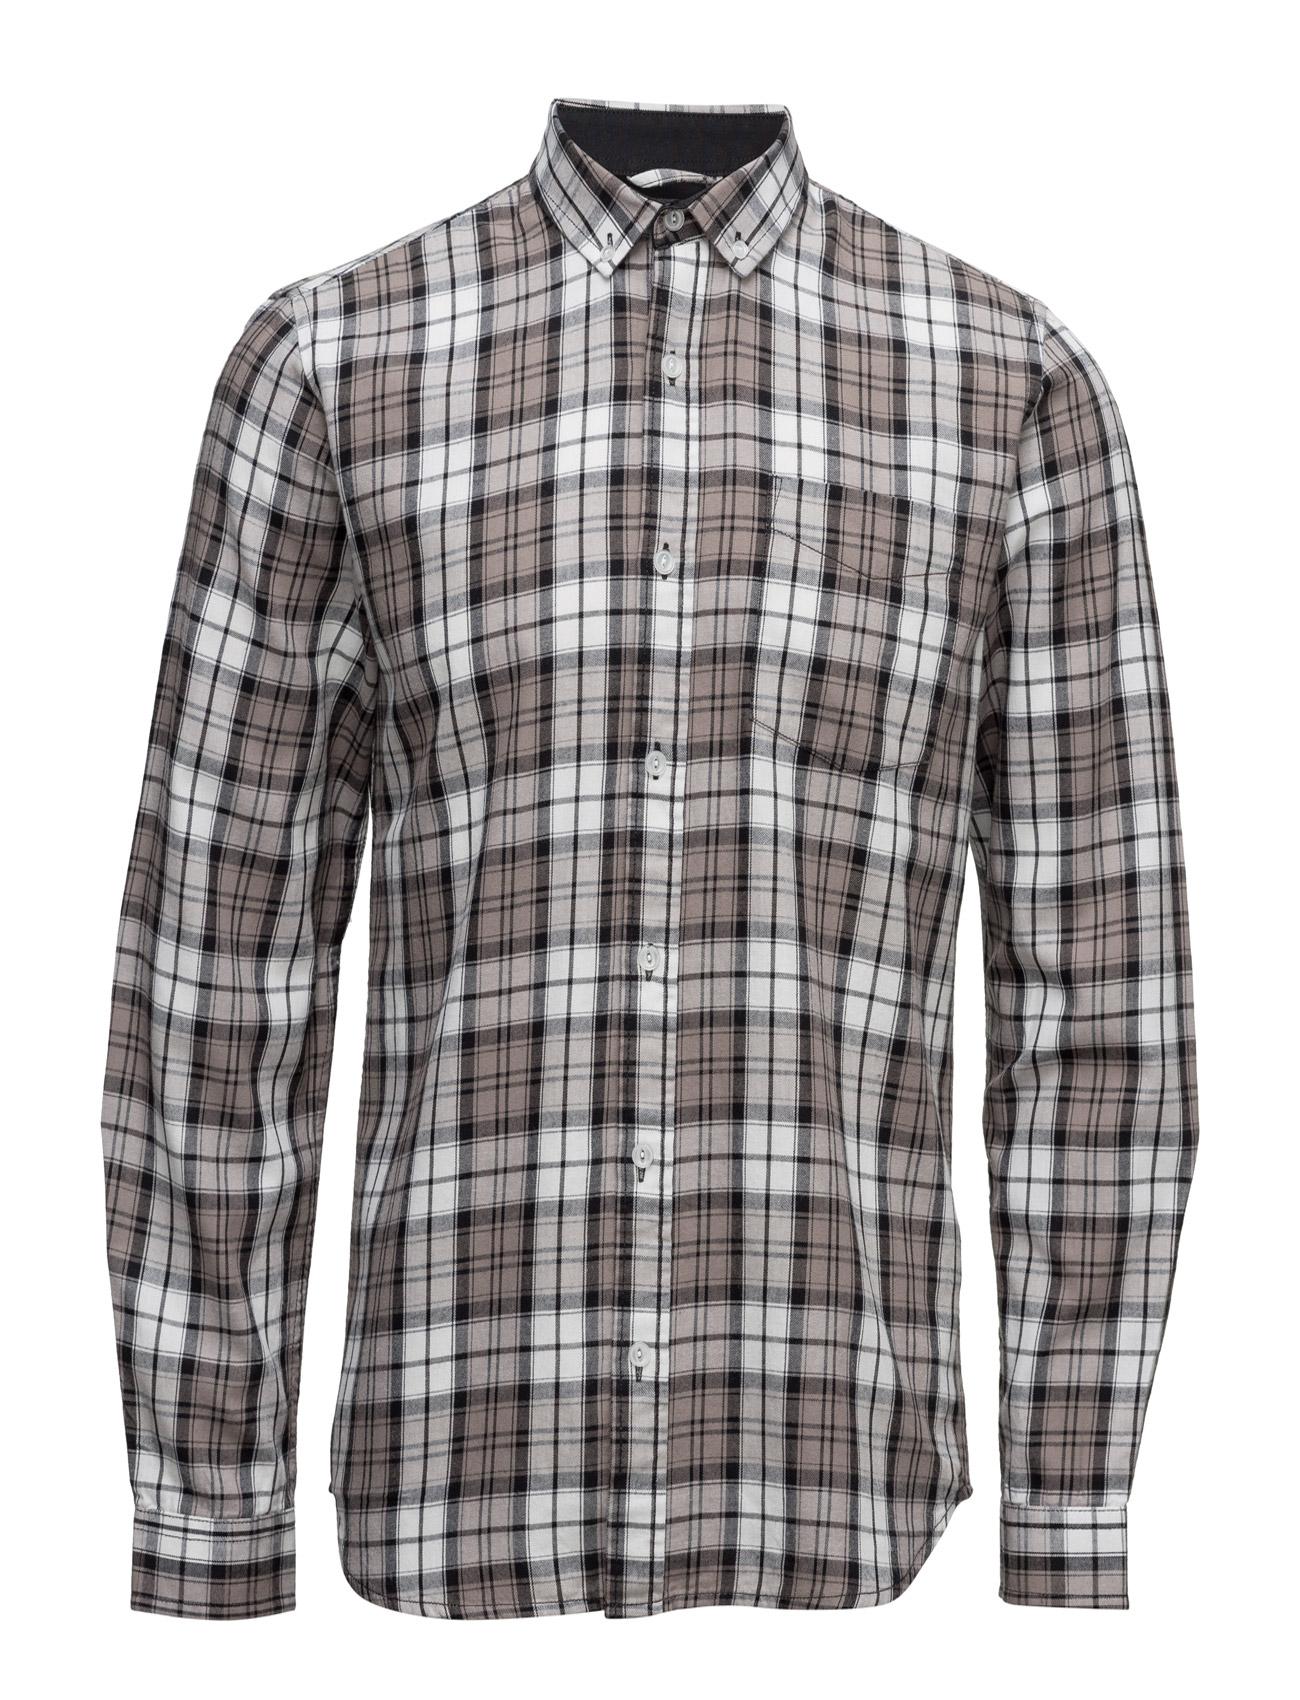 Shine Original Checked cotton shirtL/S